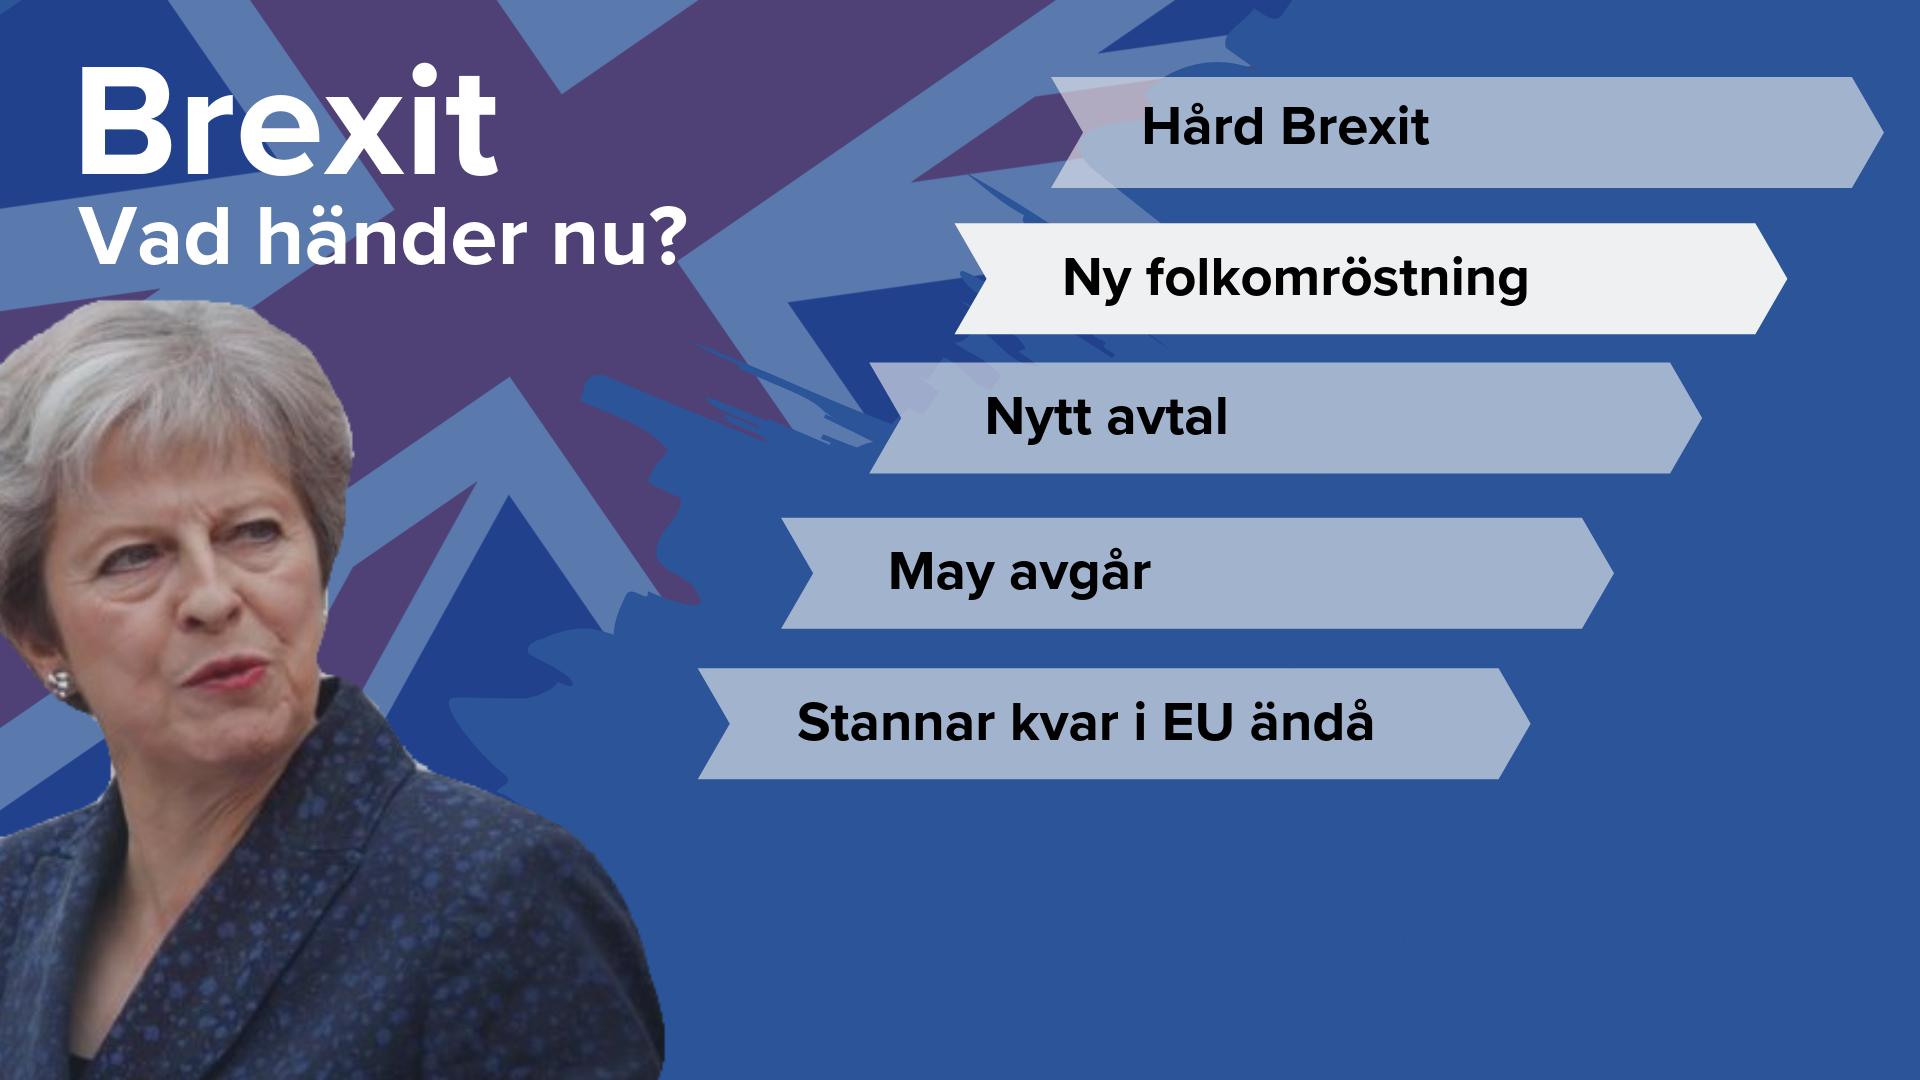 Ny folkomröstning